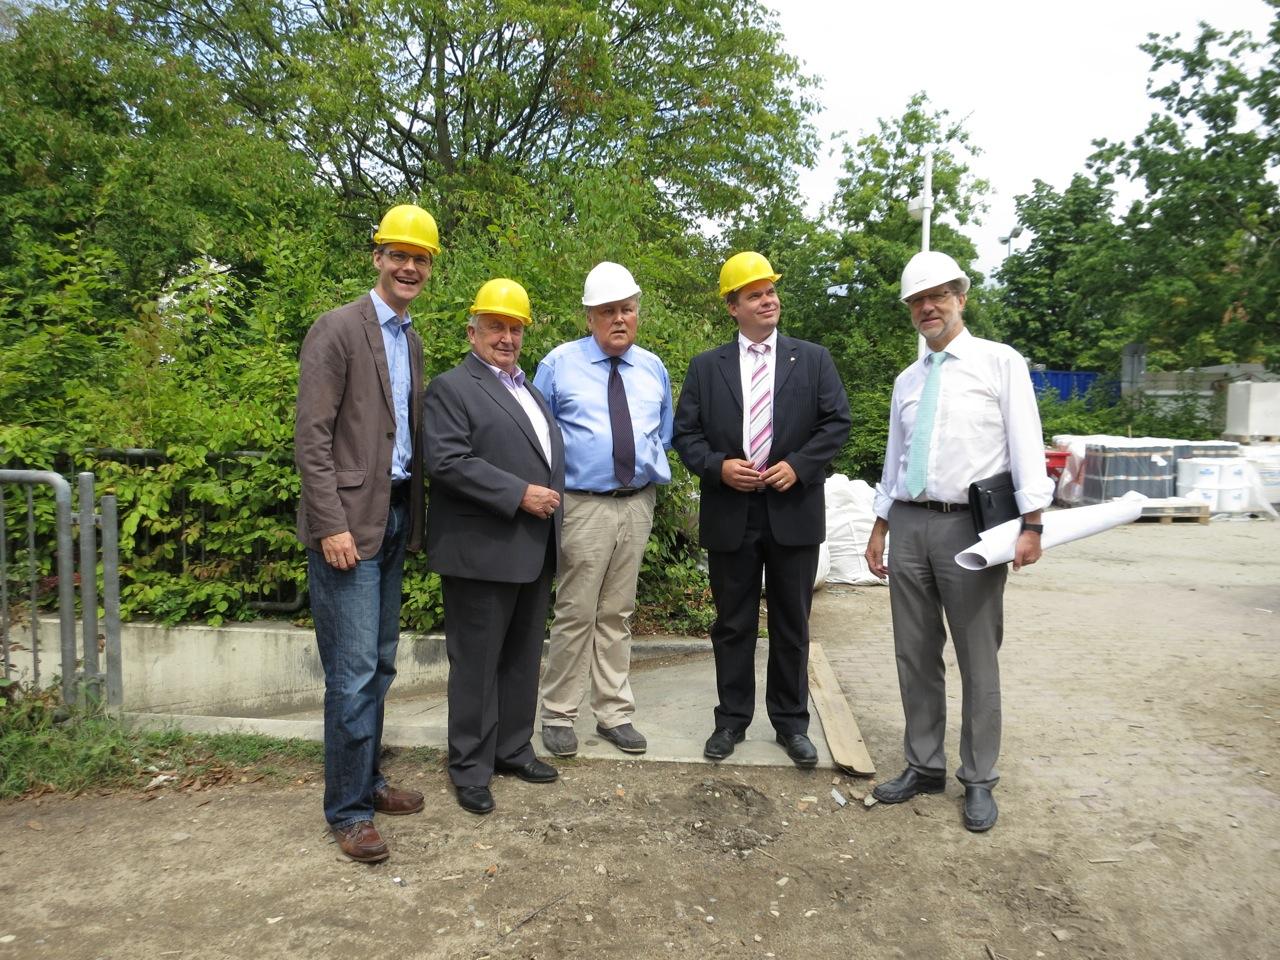 Baustellenbesuch im Hallenbad Neu-Isenburg